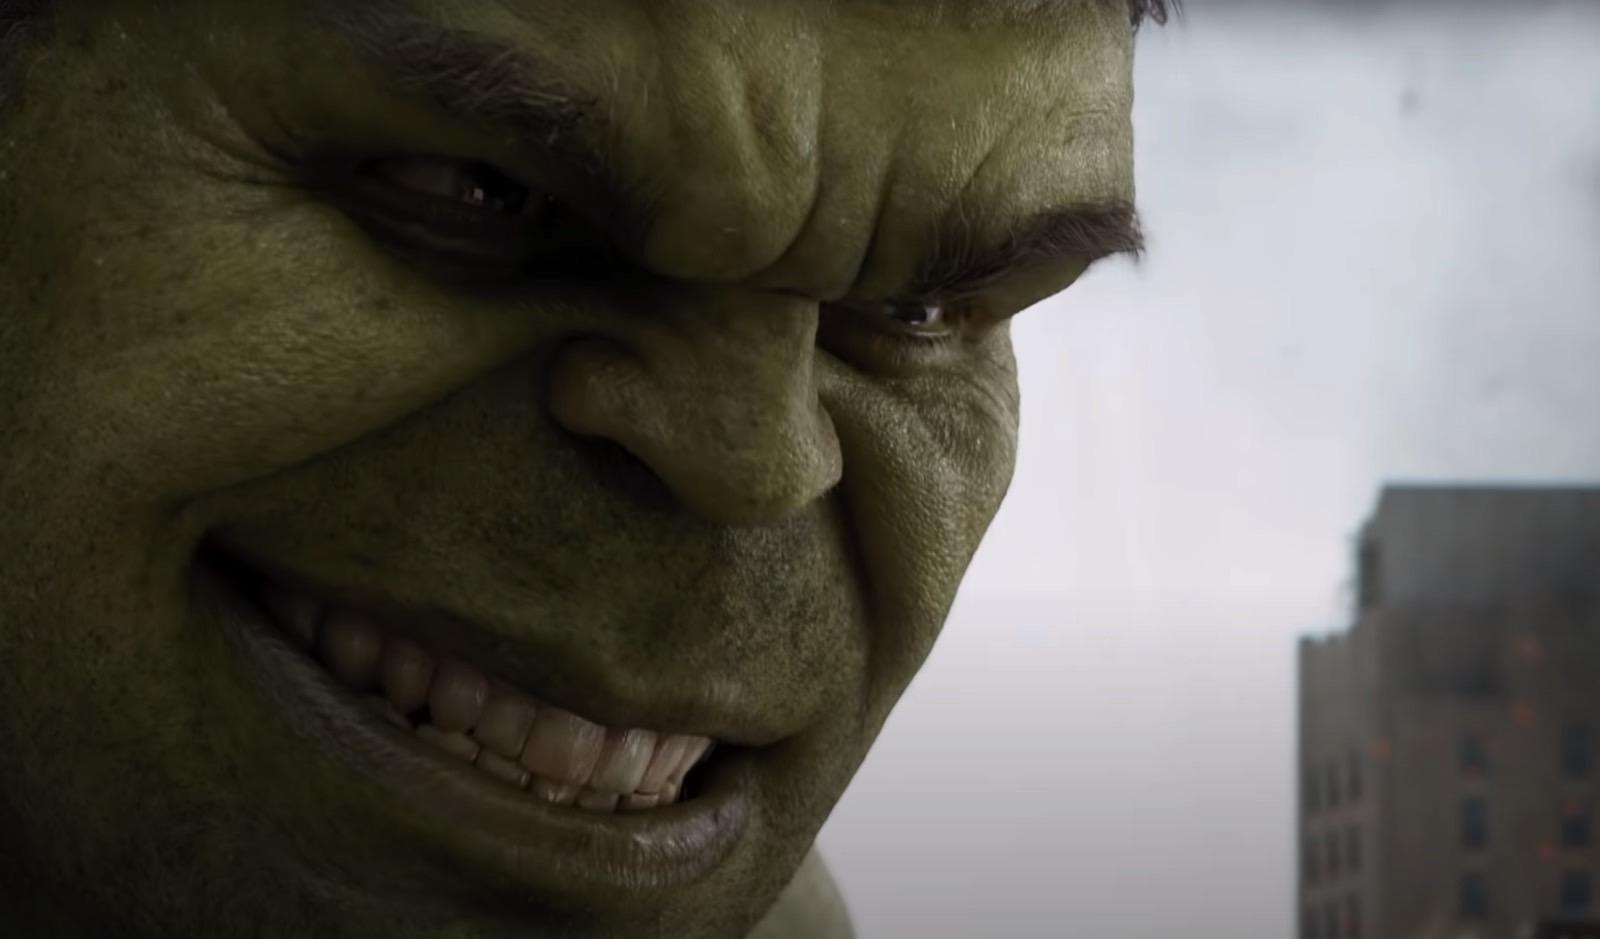 Film Marvel's World War Hulk mulai diproduksi tahun depan, kata bocoran